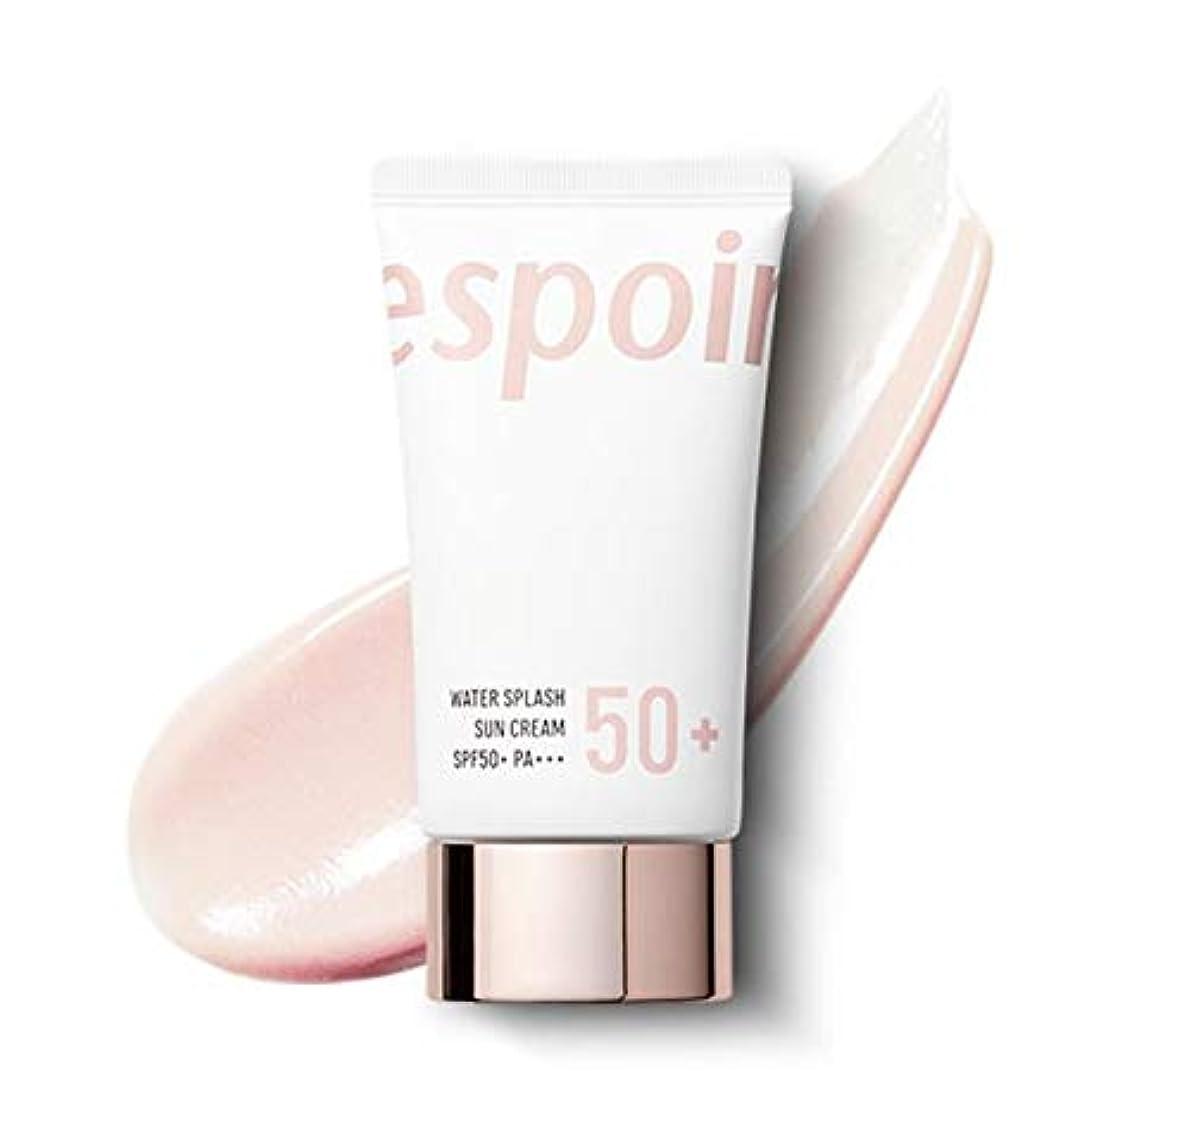 泣き叫ぶスコア所属eSpoir Water Splash Sun Cream SPF50+PA+++ (R) / エスポワール ウォータースプラッシュ サンクリーム 60ml [並行輸入品]